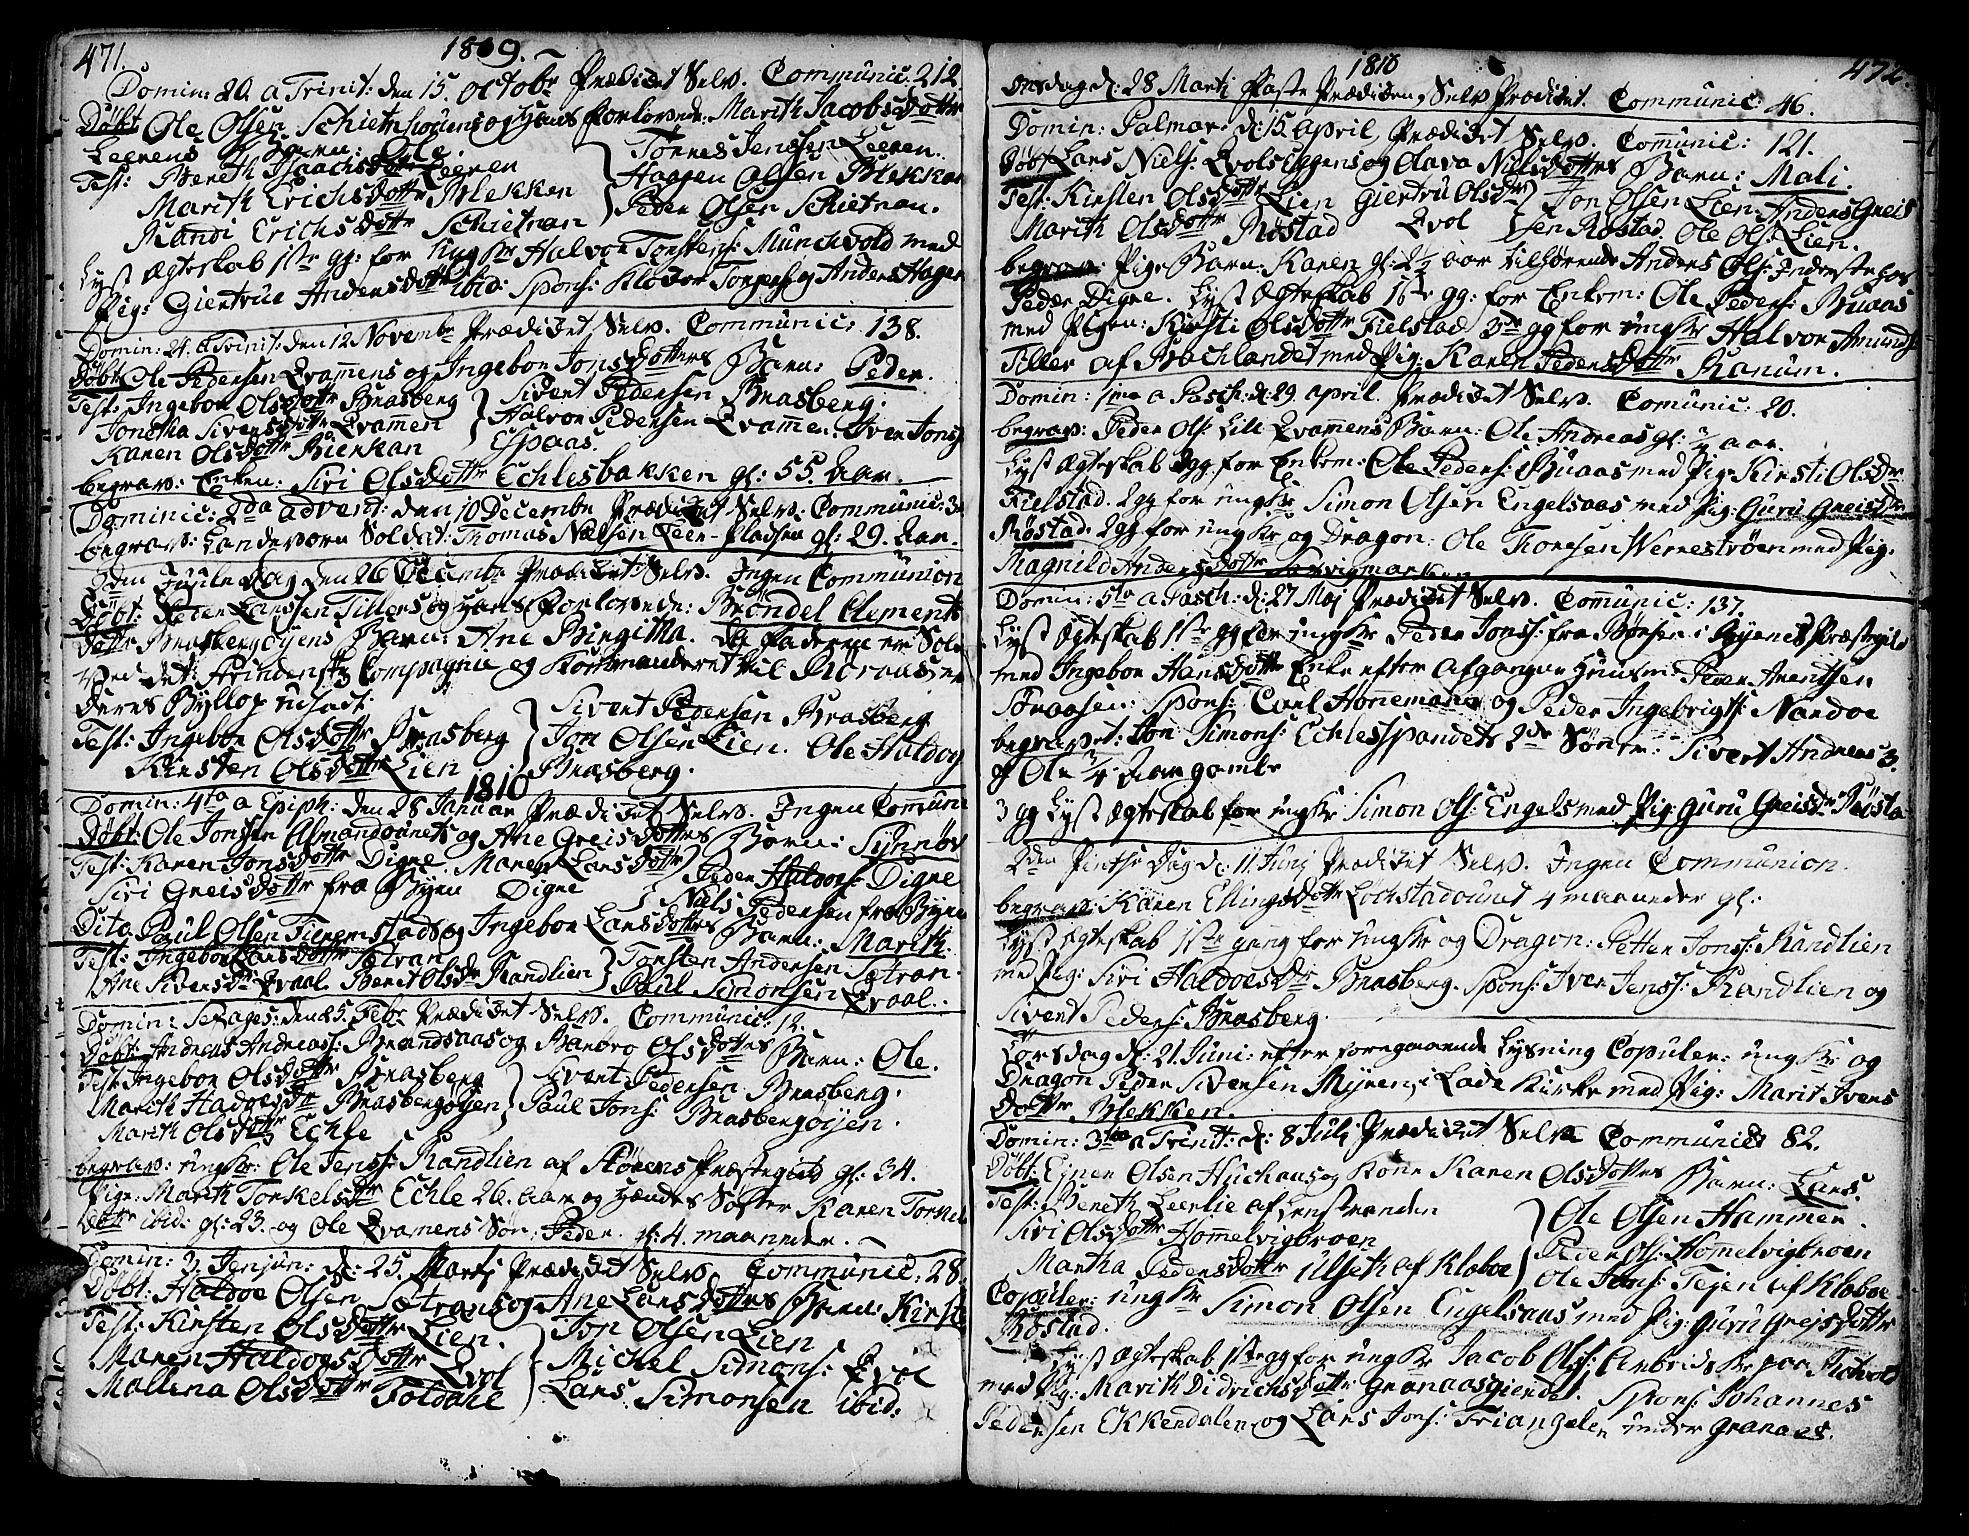 SAT, Ministerialprotokoller, klokkerbøker og fødselsregistre - Sør-Trøndelag, 606/L0282: Ministerialbok nr. 606A02 /3, 1781-1817, s. 471-472